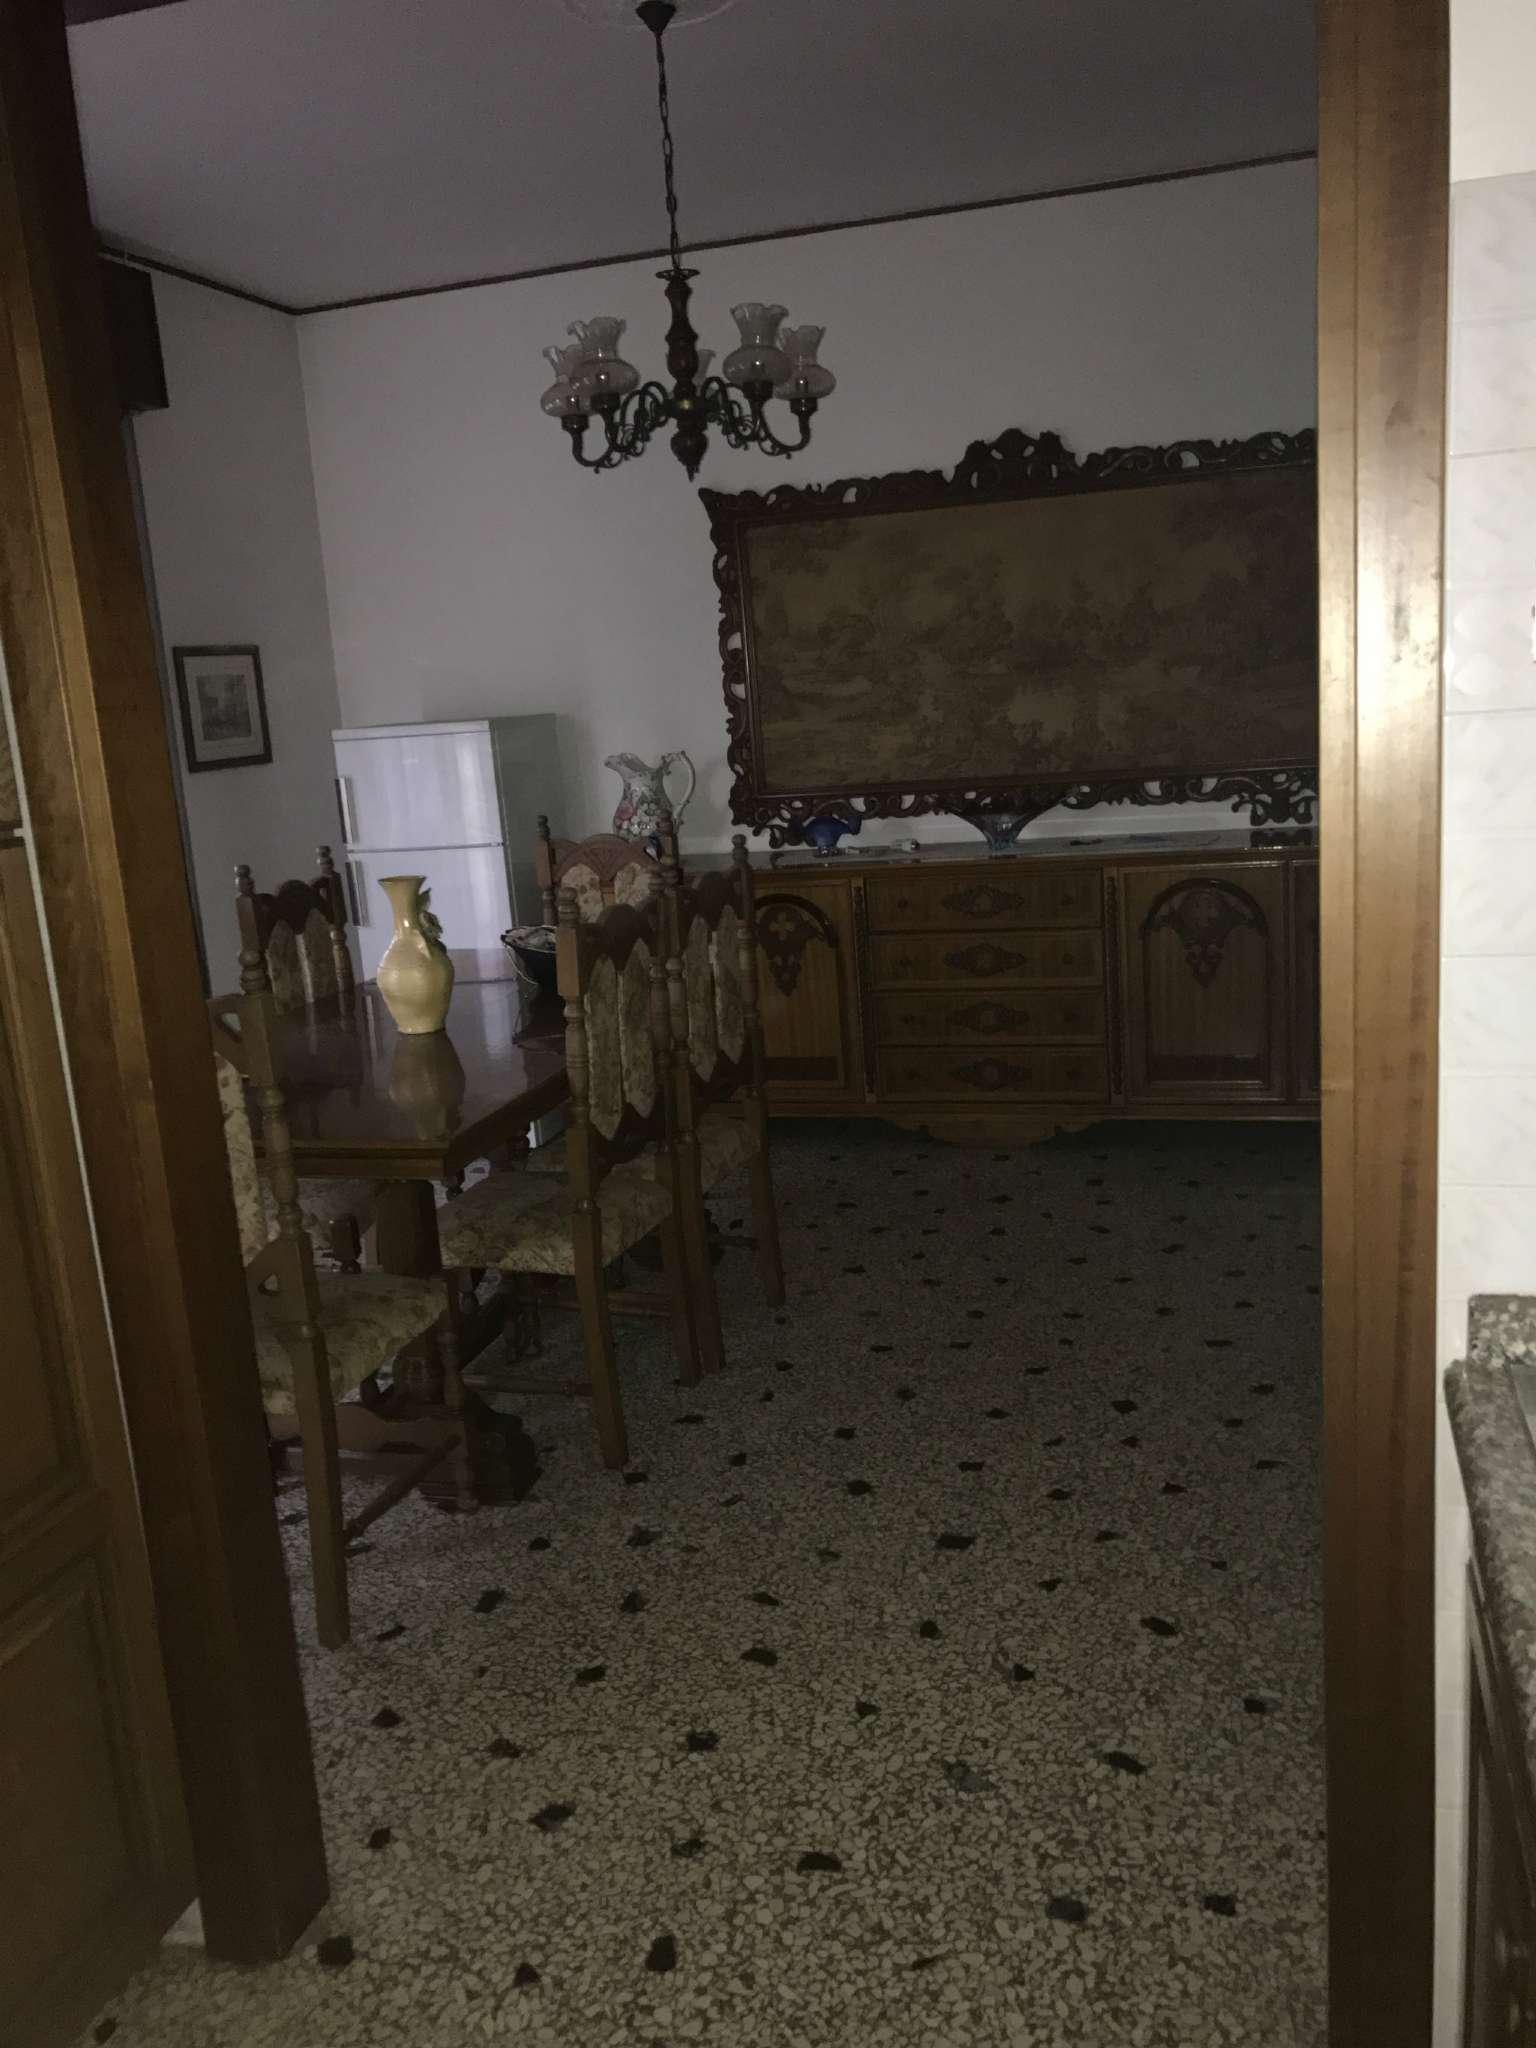 Appartamento in vendita a Venezia, 2 locali, zona Zona: 12 . Marghera, prezzo € 90.000   CambioCasa.it